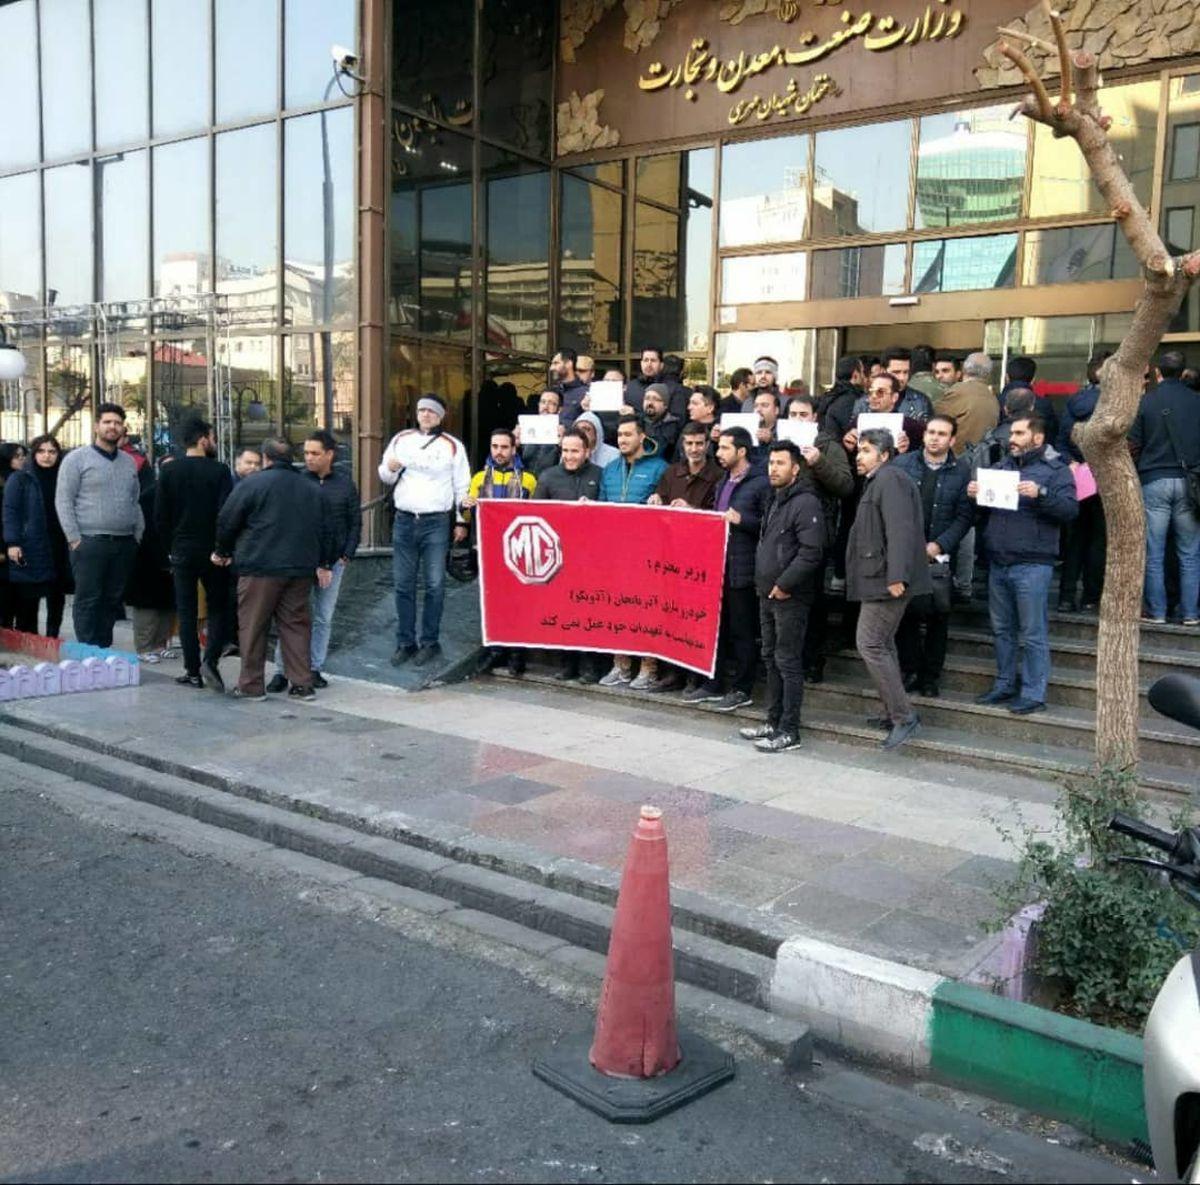 اعتراض جمعی از حواله داران شرکت صنعت خودرو آذربایجان